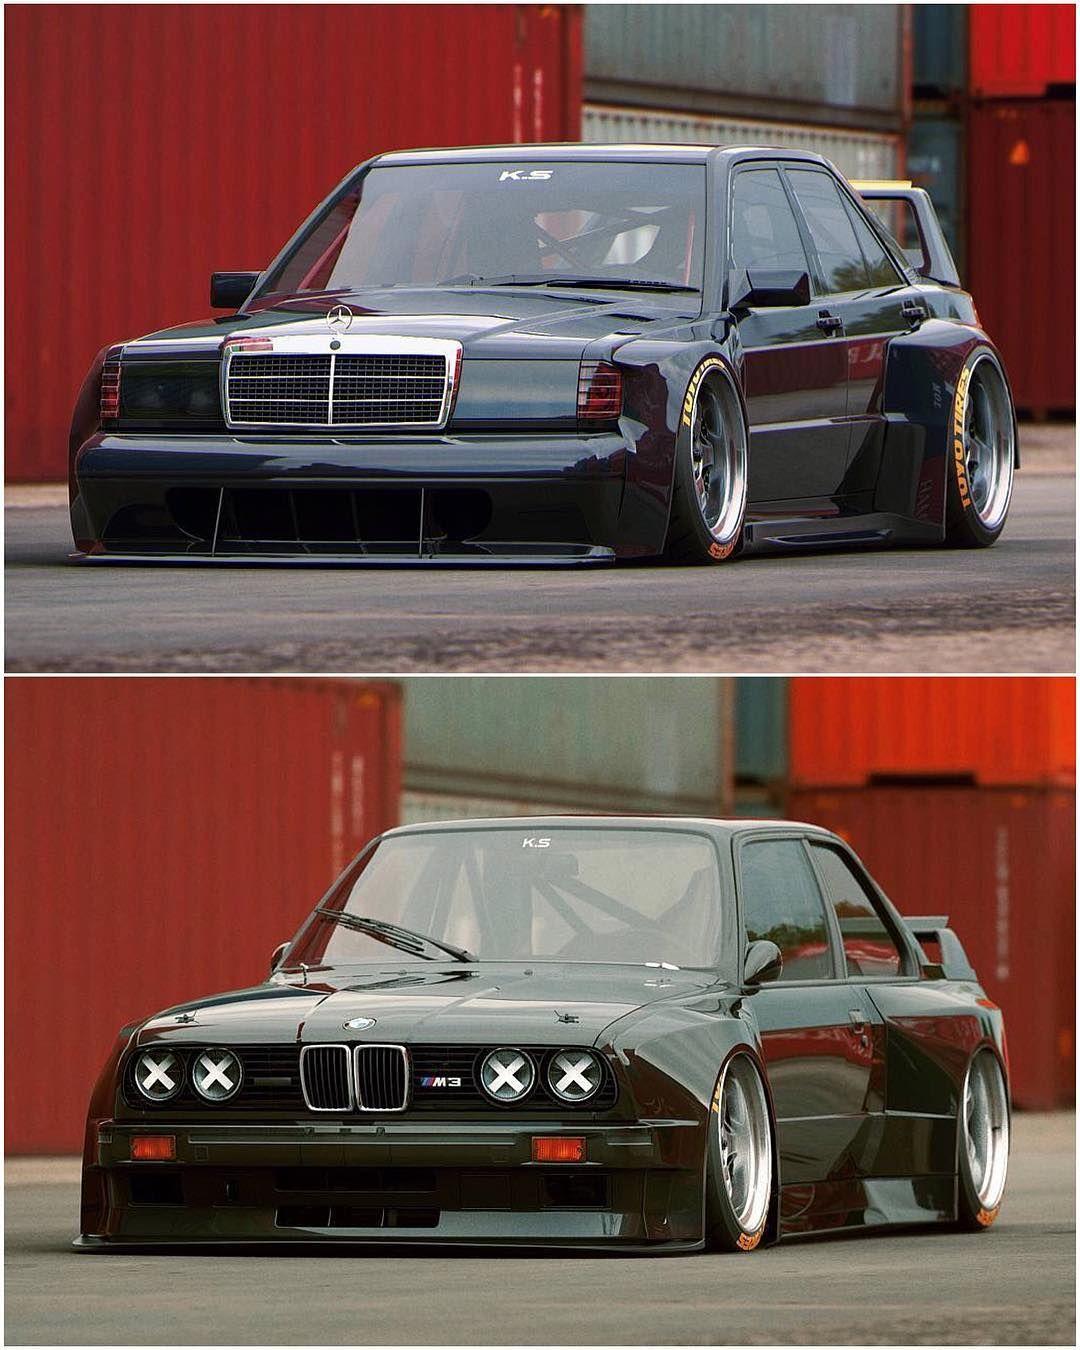 Top Or Bottom 190e Evo Vs E30 M3 Design By The Kyza